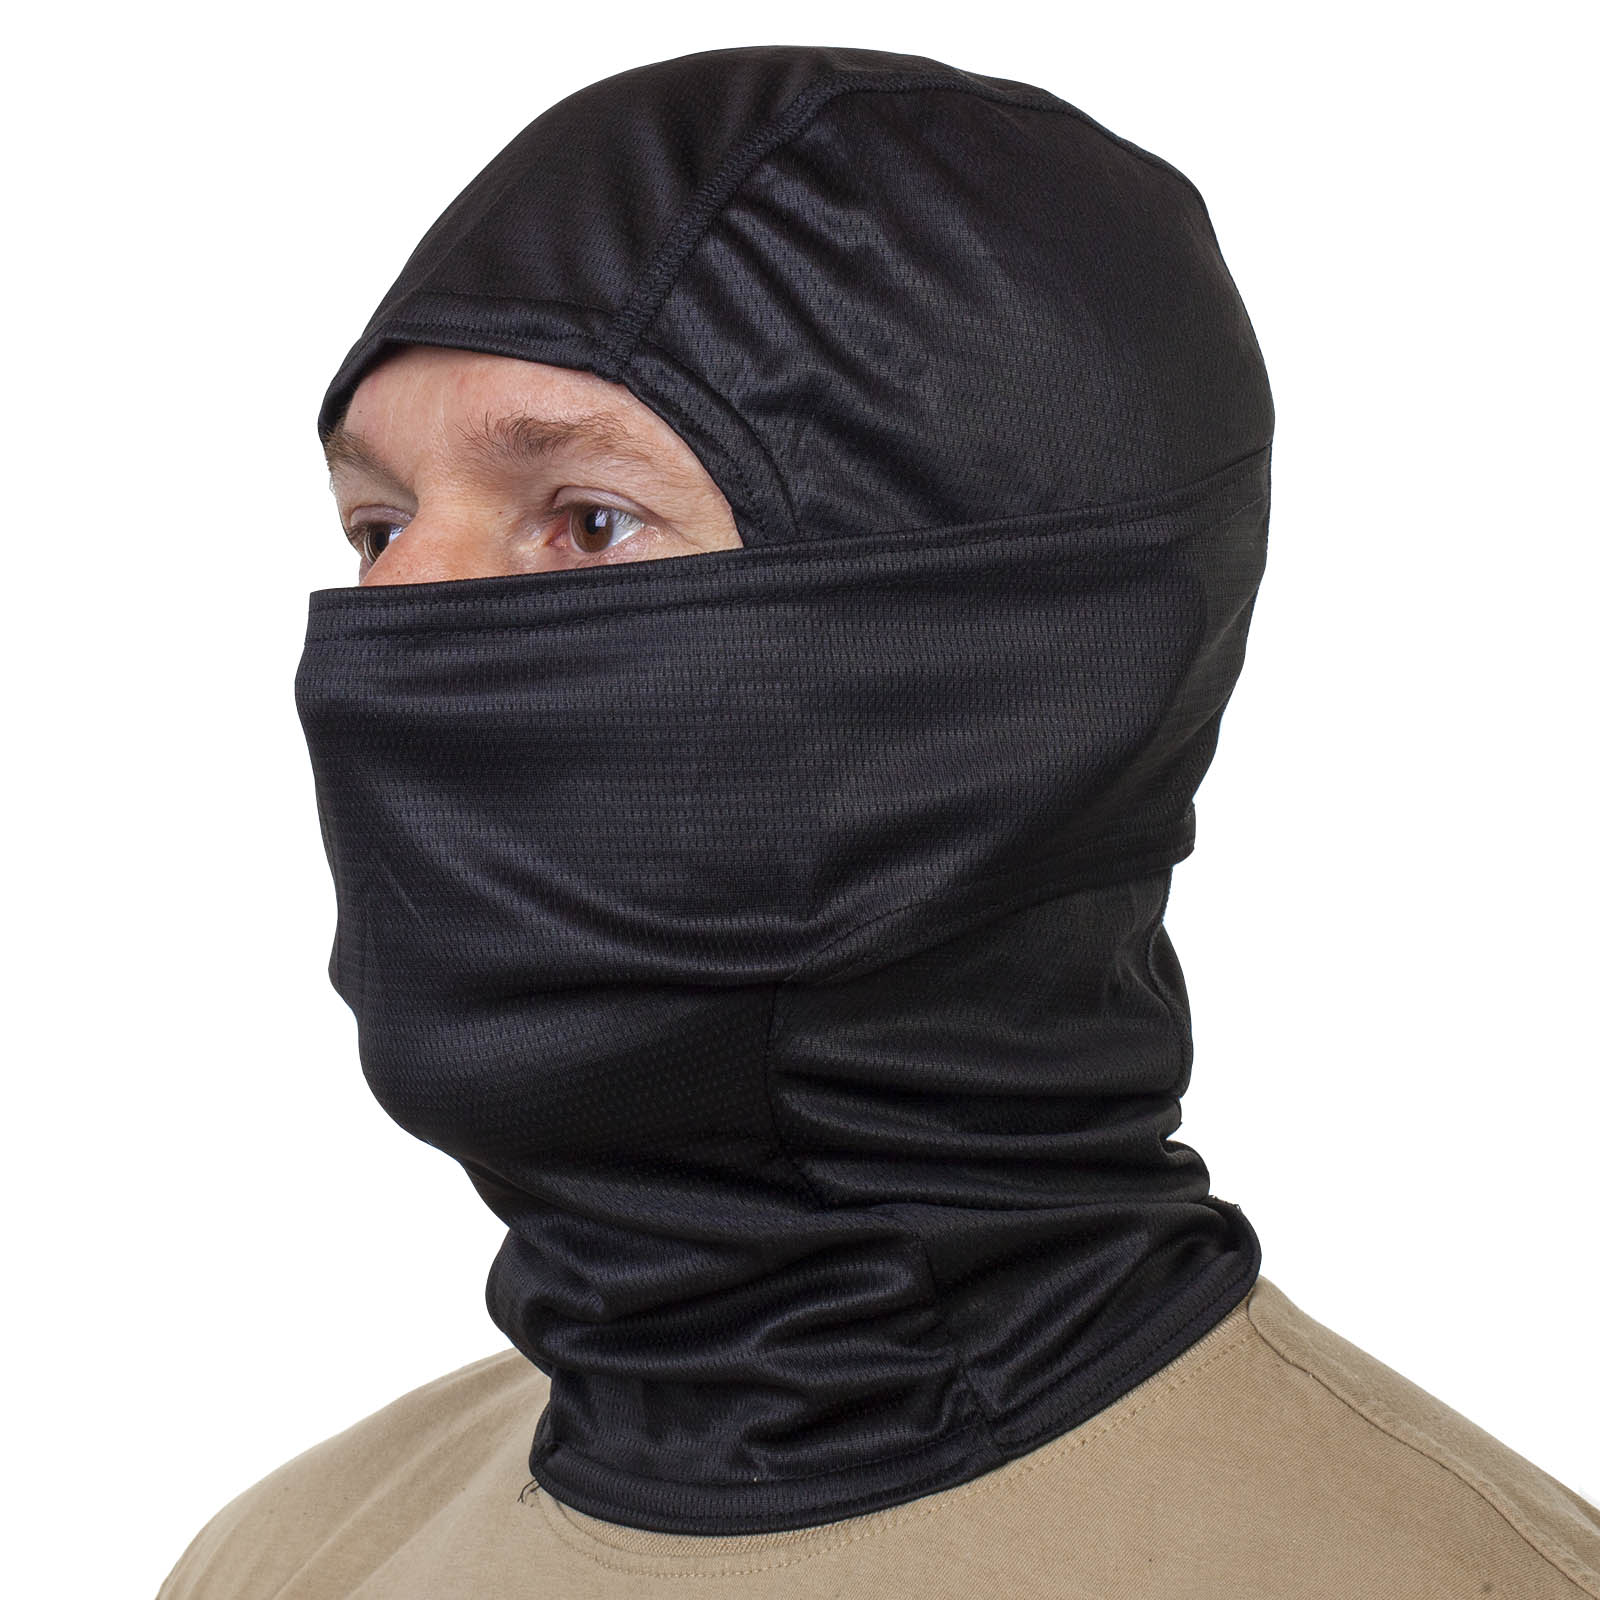 Заказать в военторге маску балаклаву с доставкой